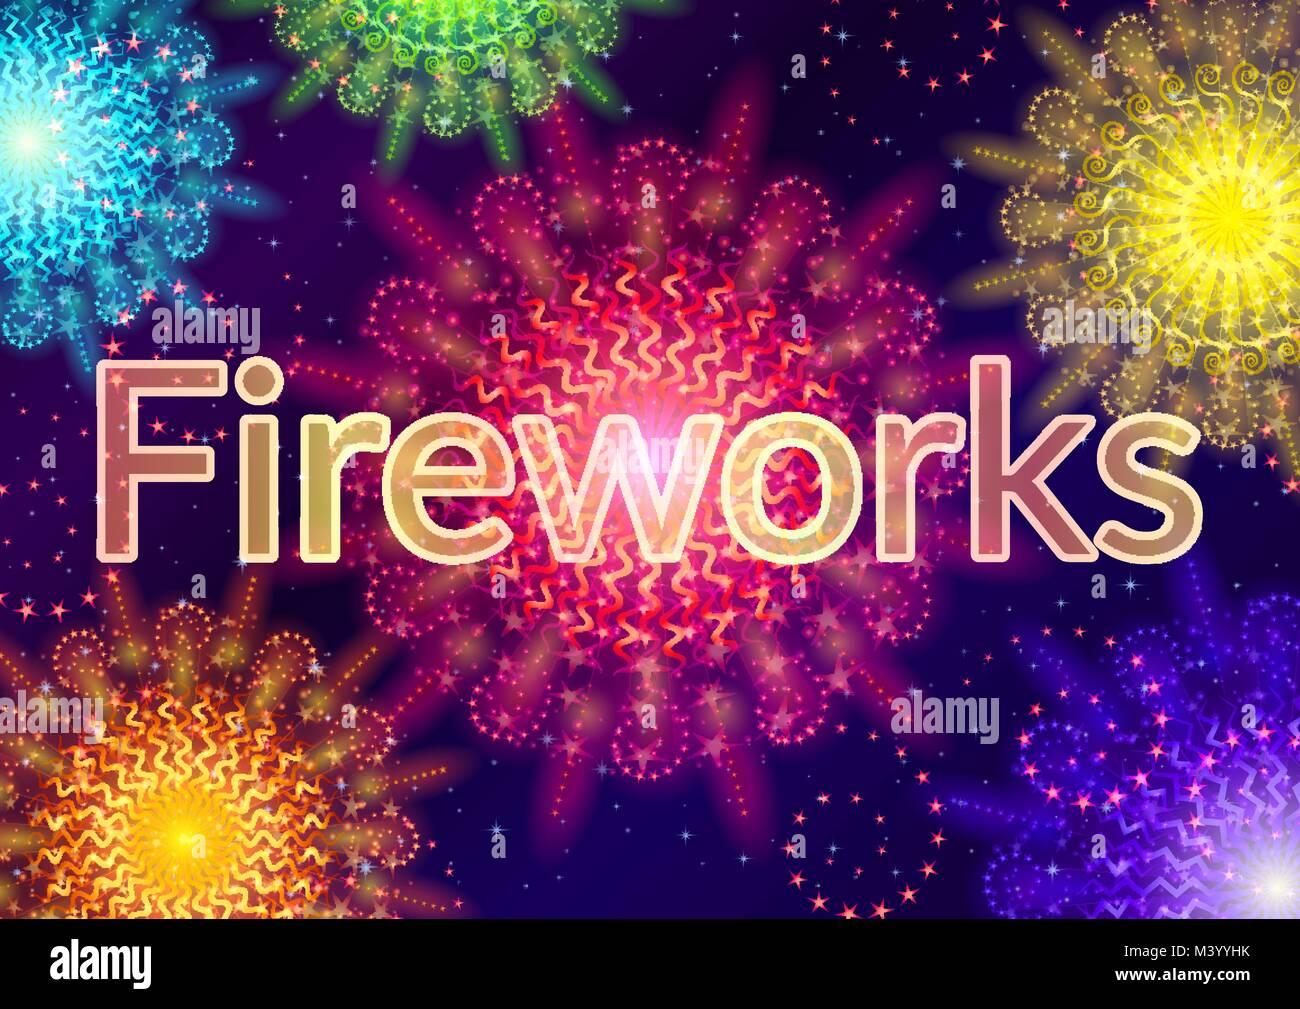 Firework, Holiday Background - Stock Image